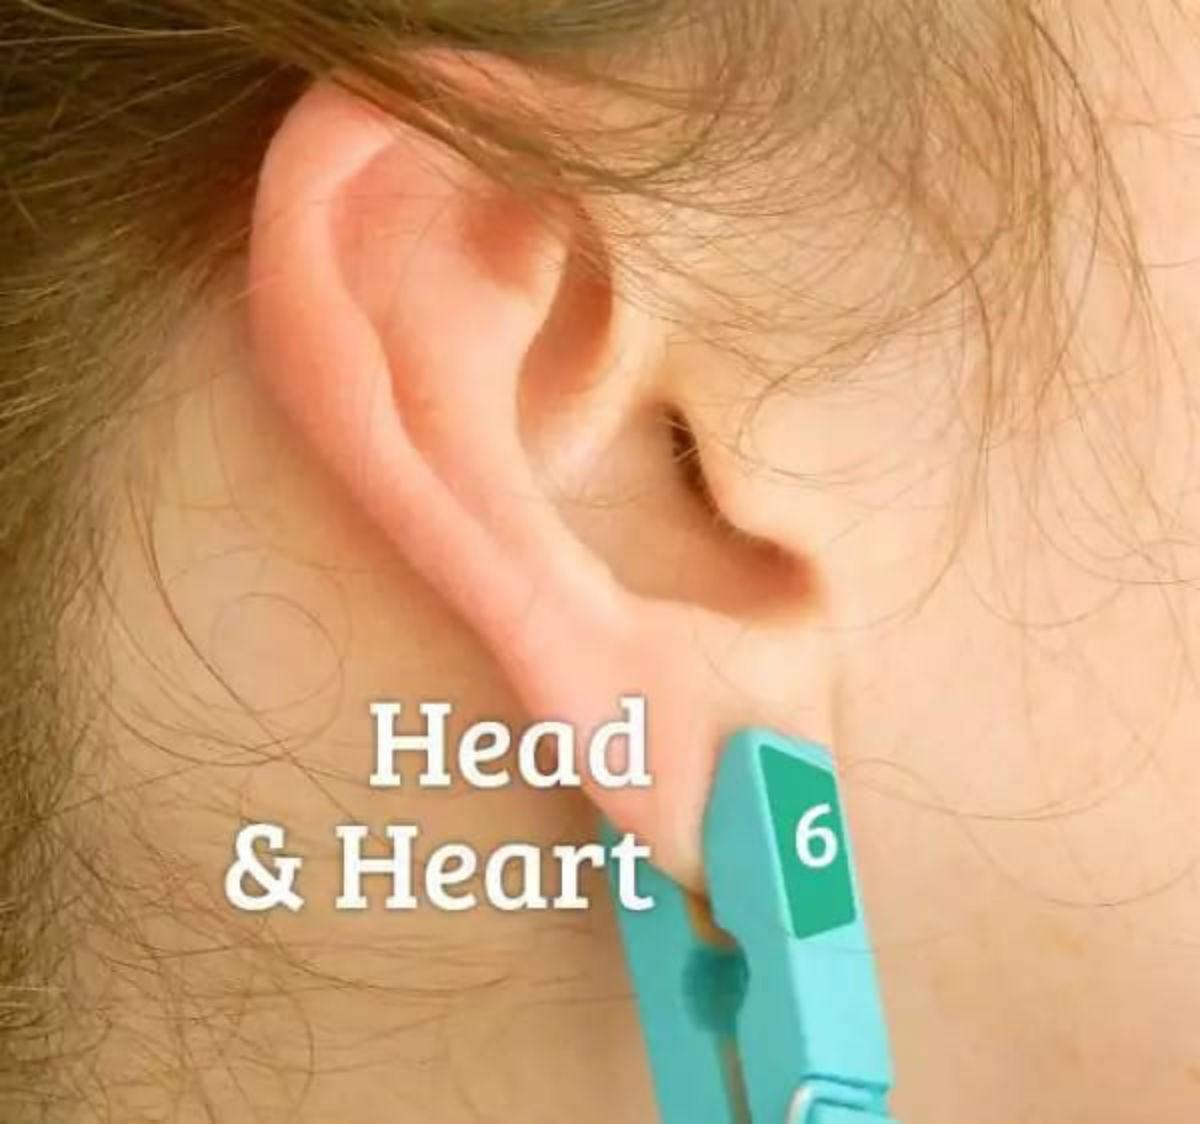 Она прицепила прищепку на ухо. Вы думаете, просто так? Идея просто класс!